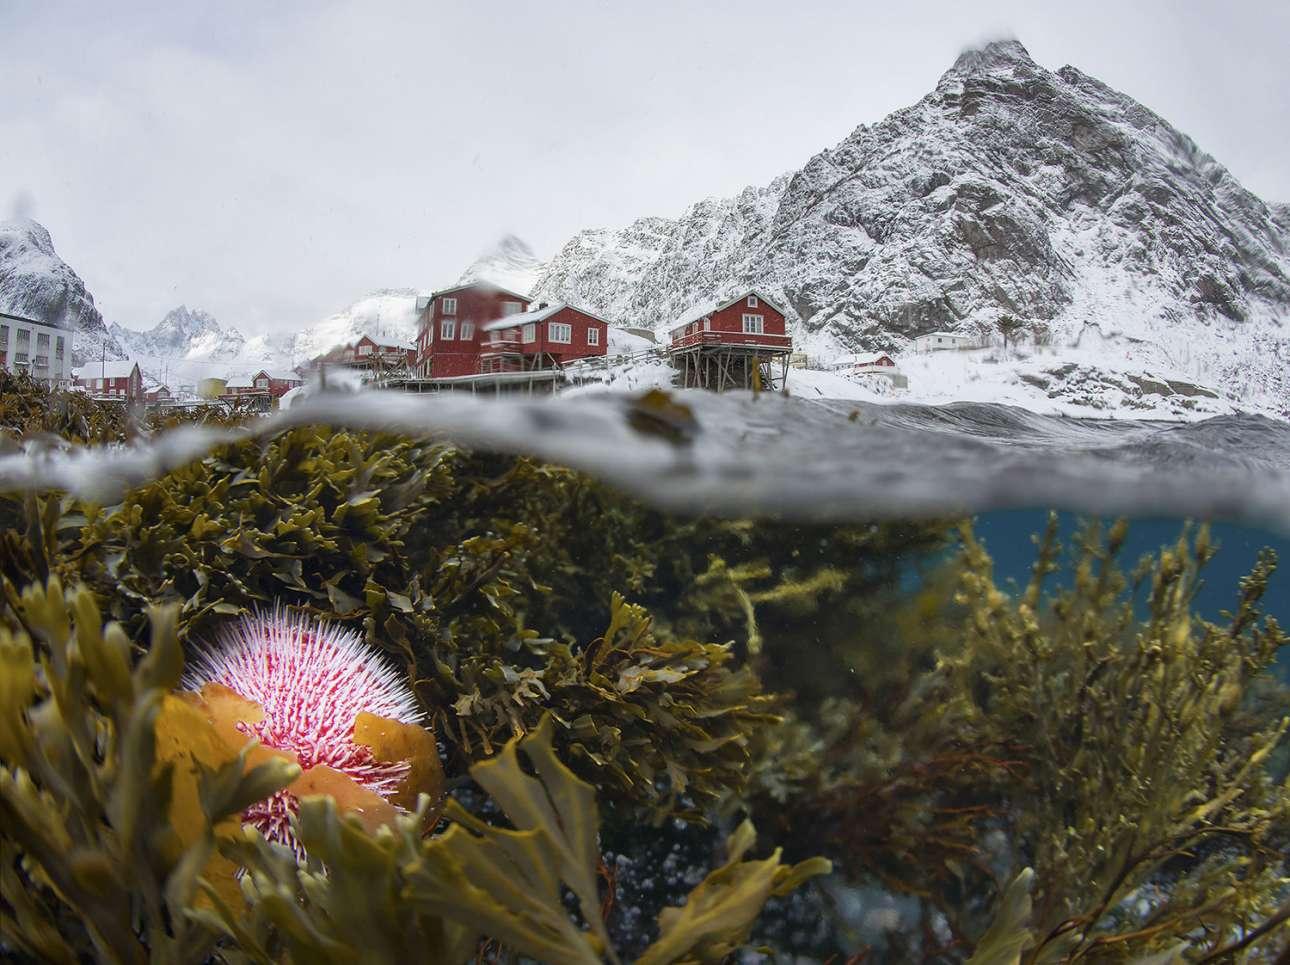 «Υποβρύχια, χειμερινή θέα των Λοφότεν». Ενας υπέροχος συνδυασμός δύο φωτογραφιών από το συγκλονιστικό τοπίο των νήσων Λοφότεν, στη Νορβηγία